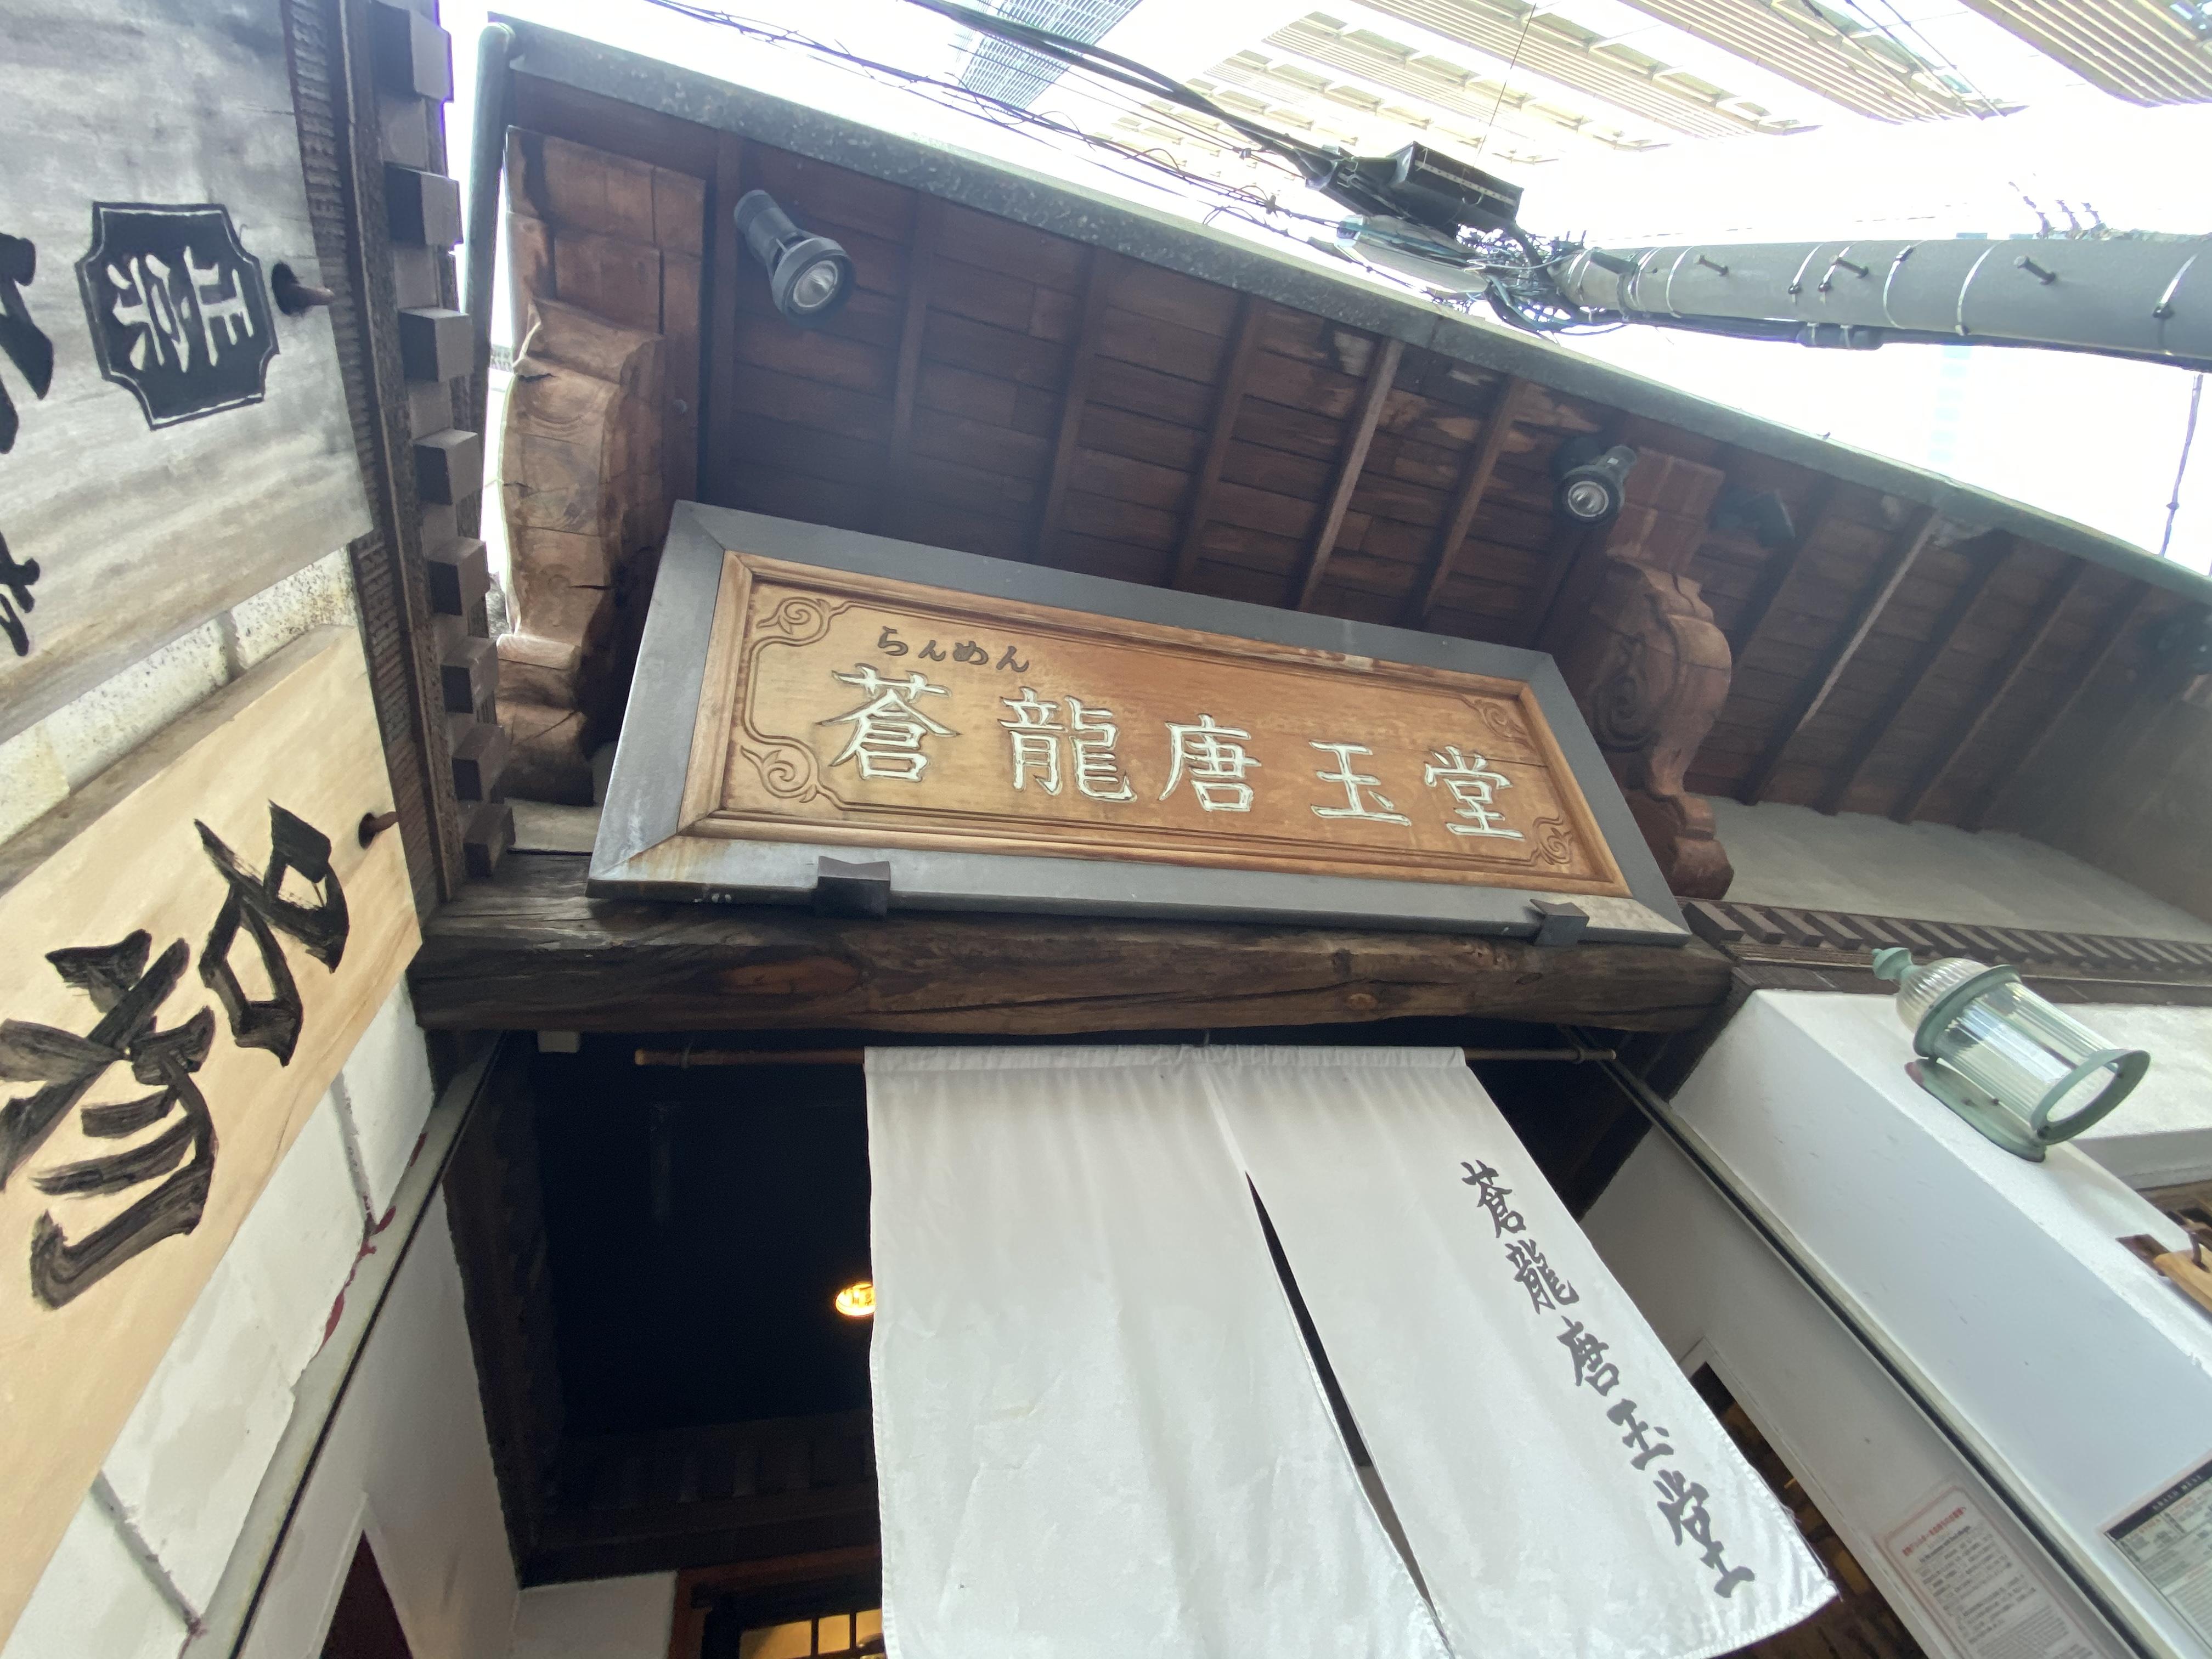 蒼龍唐玉堂 六本木店 (ソウリュウトウギョクドウ)